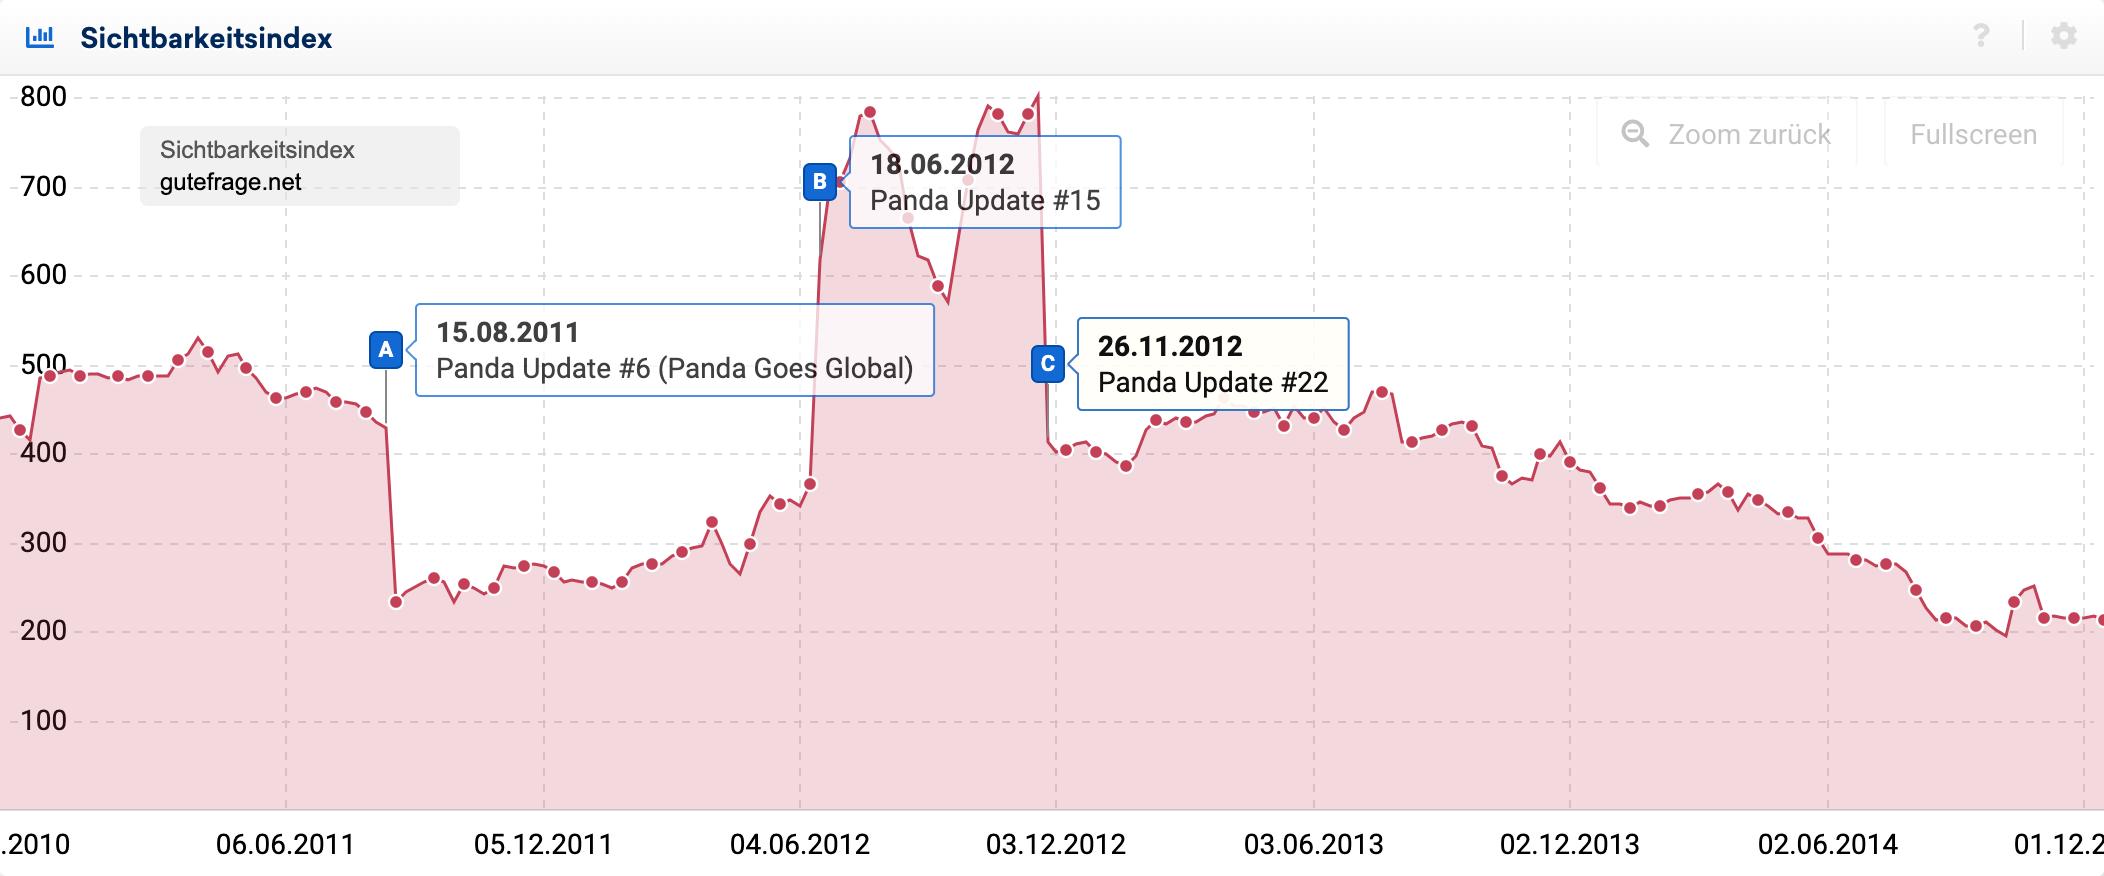 Sichtbarkeitsindex-Graph der Domain gutefrage.net